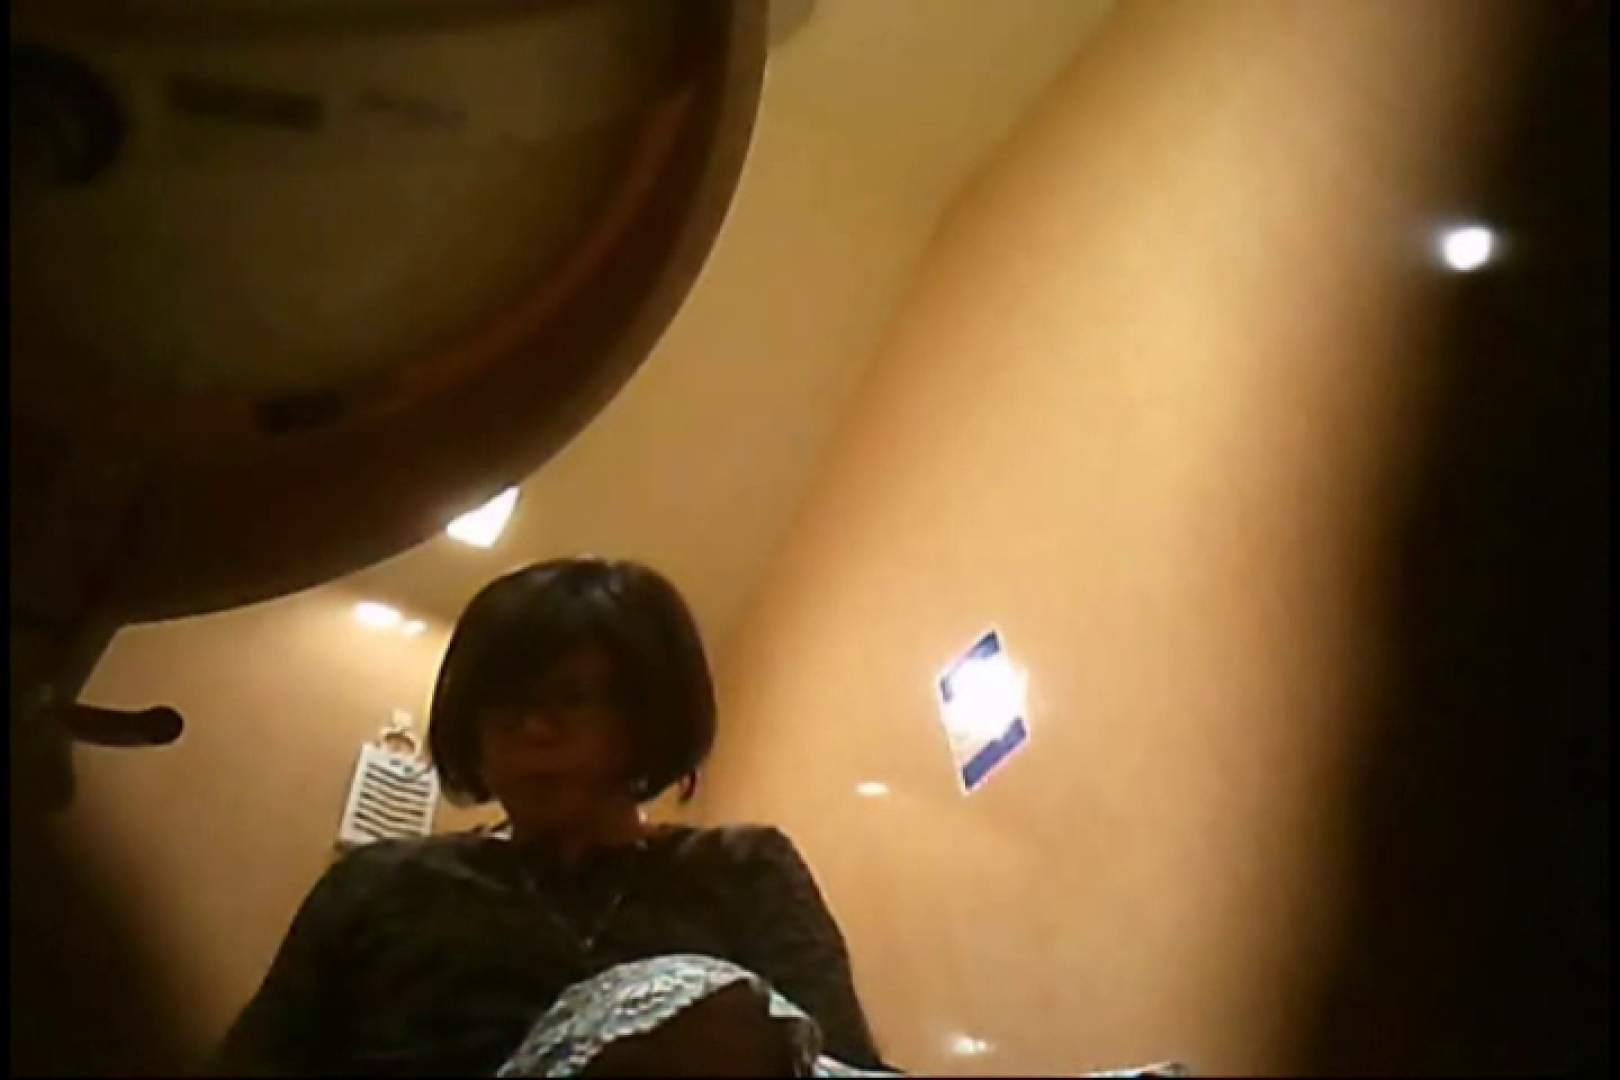 潜入!!女子化粧室盗撮~絶対見られたくない時間~vo,109 盗撮師作品 盗み撮り動画キャプチャ 98pic 67